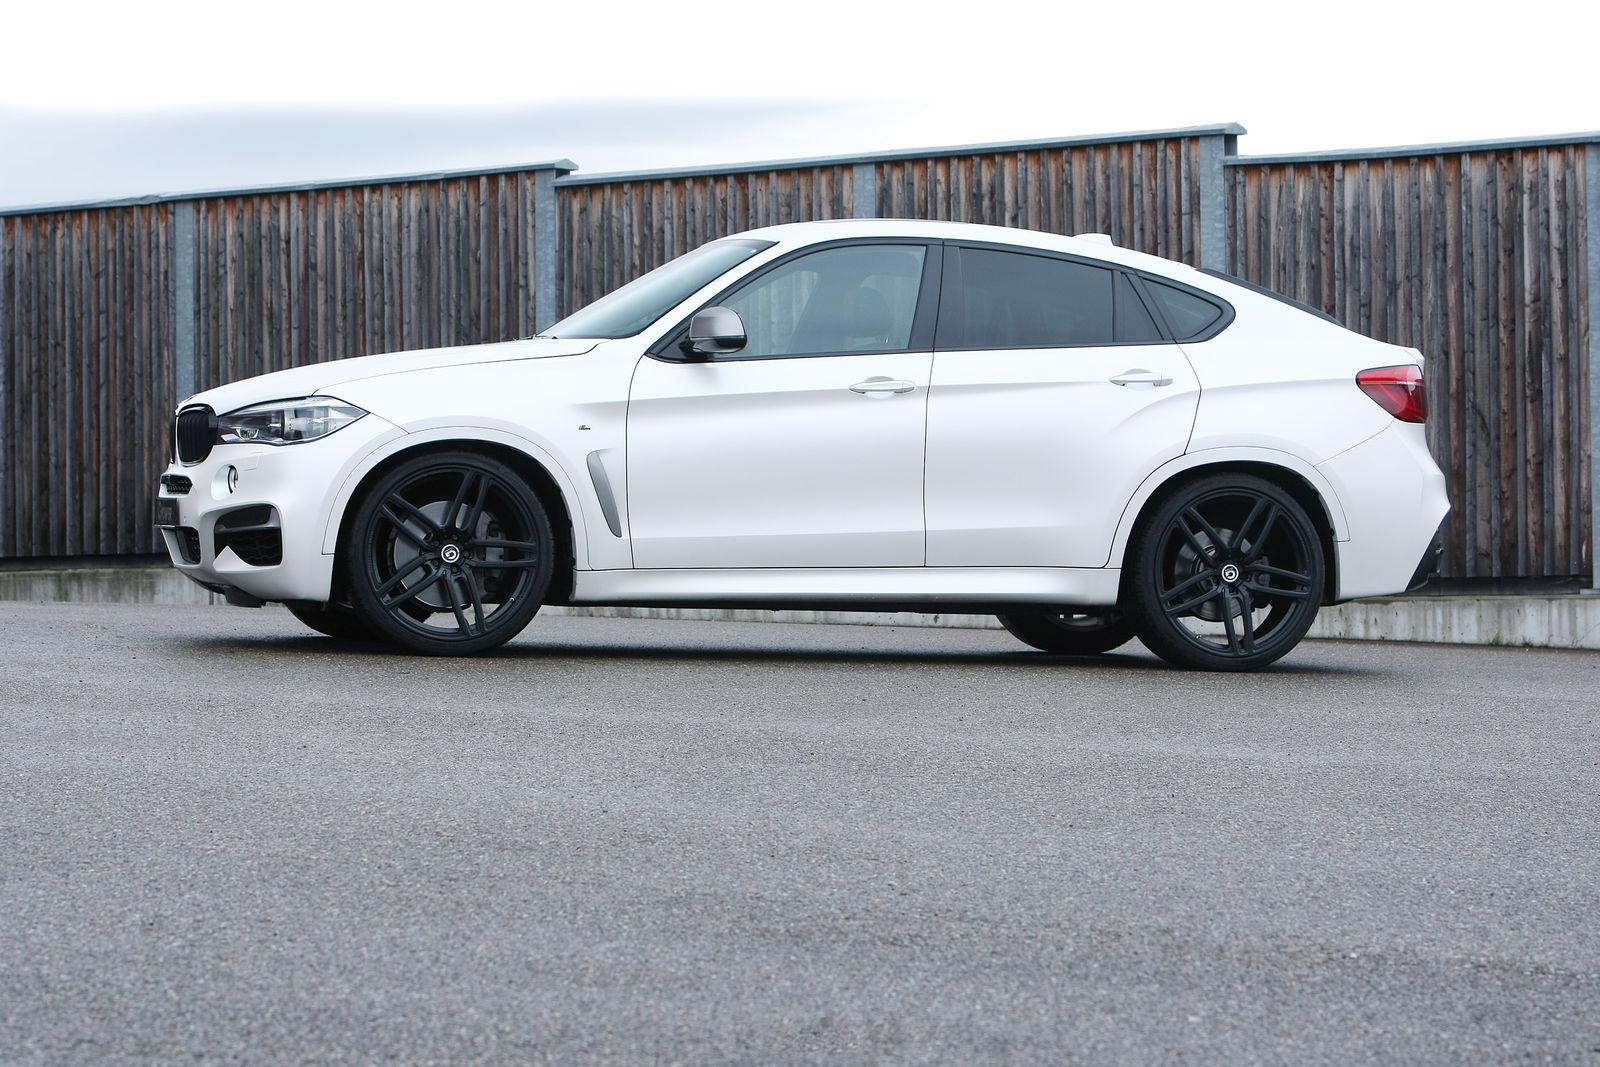 Foto de G-Power BMW X6 M50d (3/7)